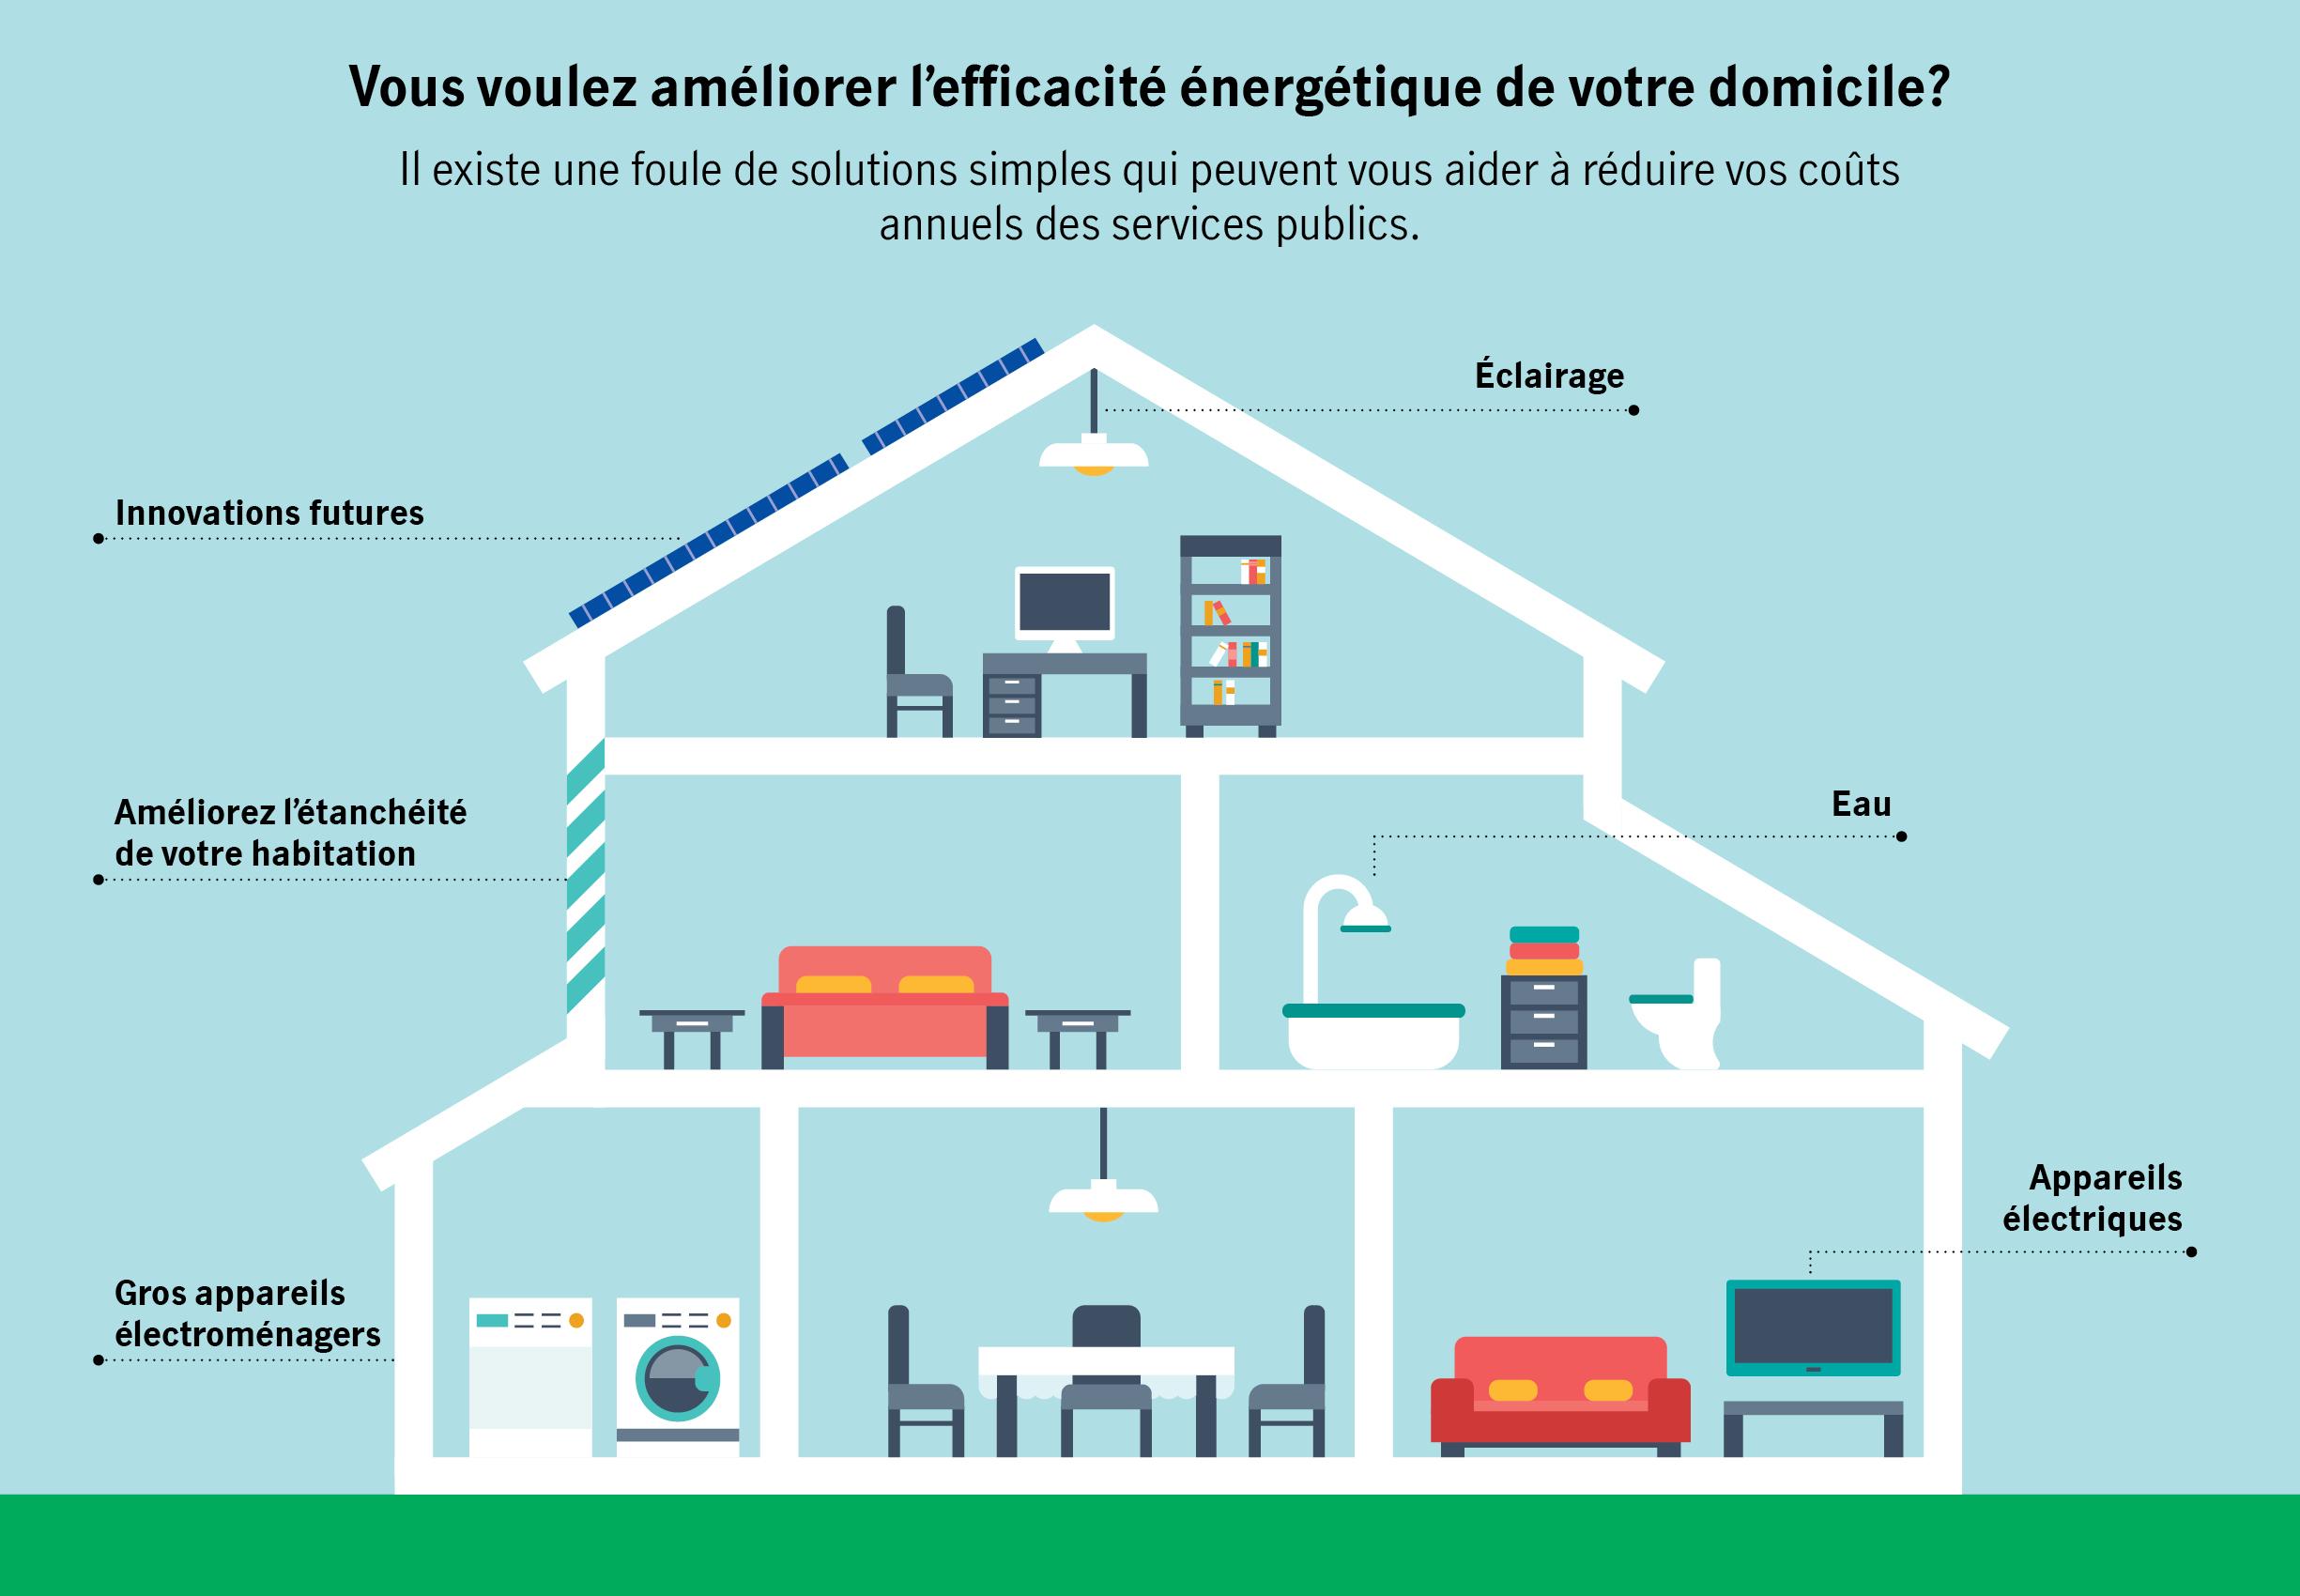 Vous voulez améliorer l'efficacité énergétique de votre domicile? Il existe une foule de solutions simples qui peuvent vous aider à réduire vos coûts annuels des services publics.